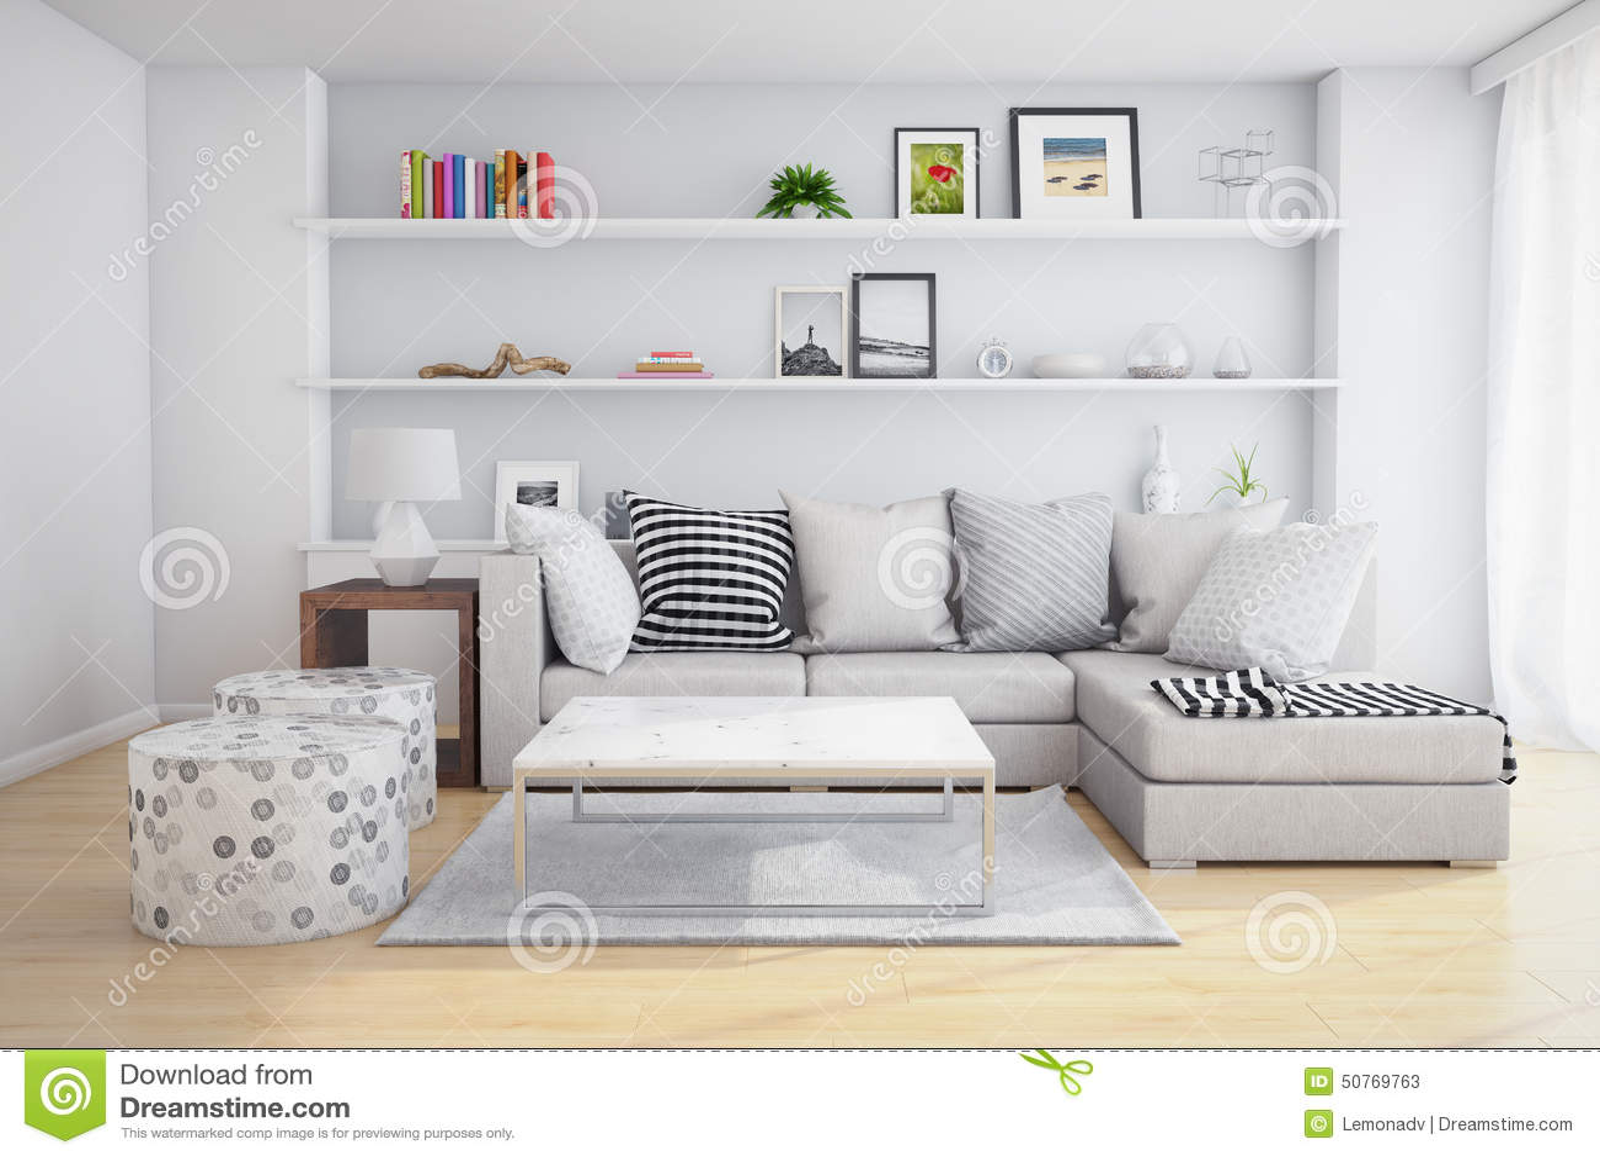 Eckiges Sofa und Abendessenlastwagen im Innenraum